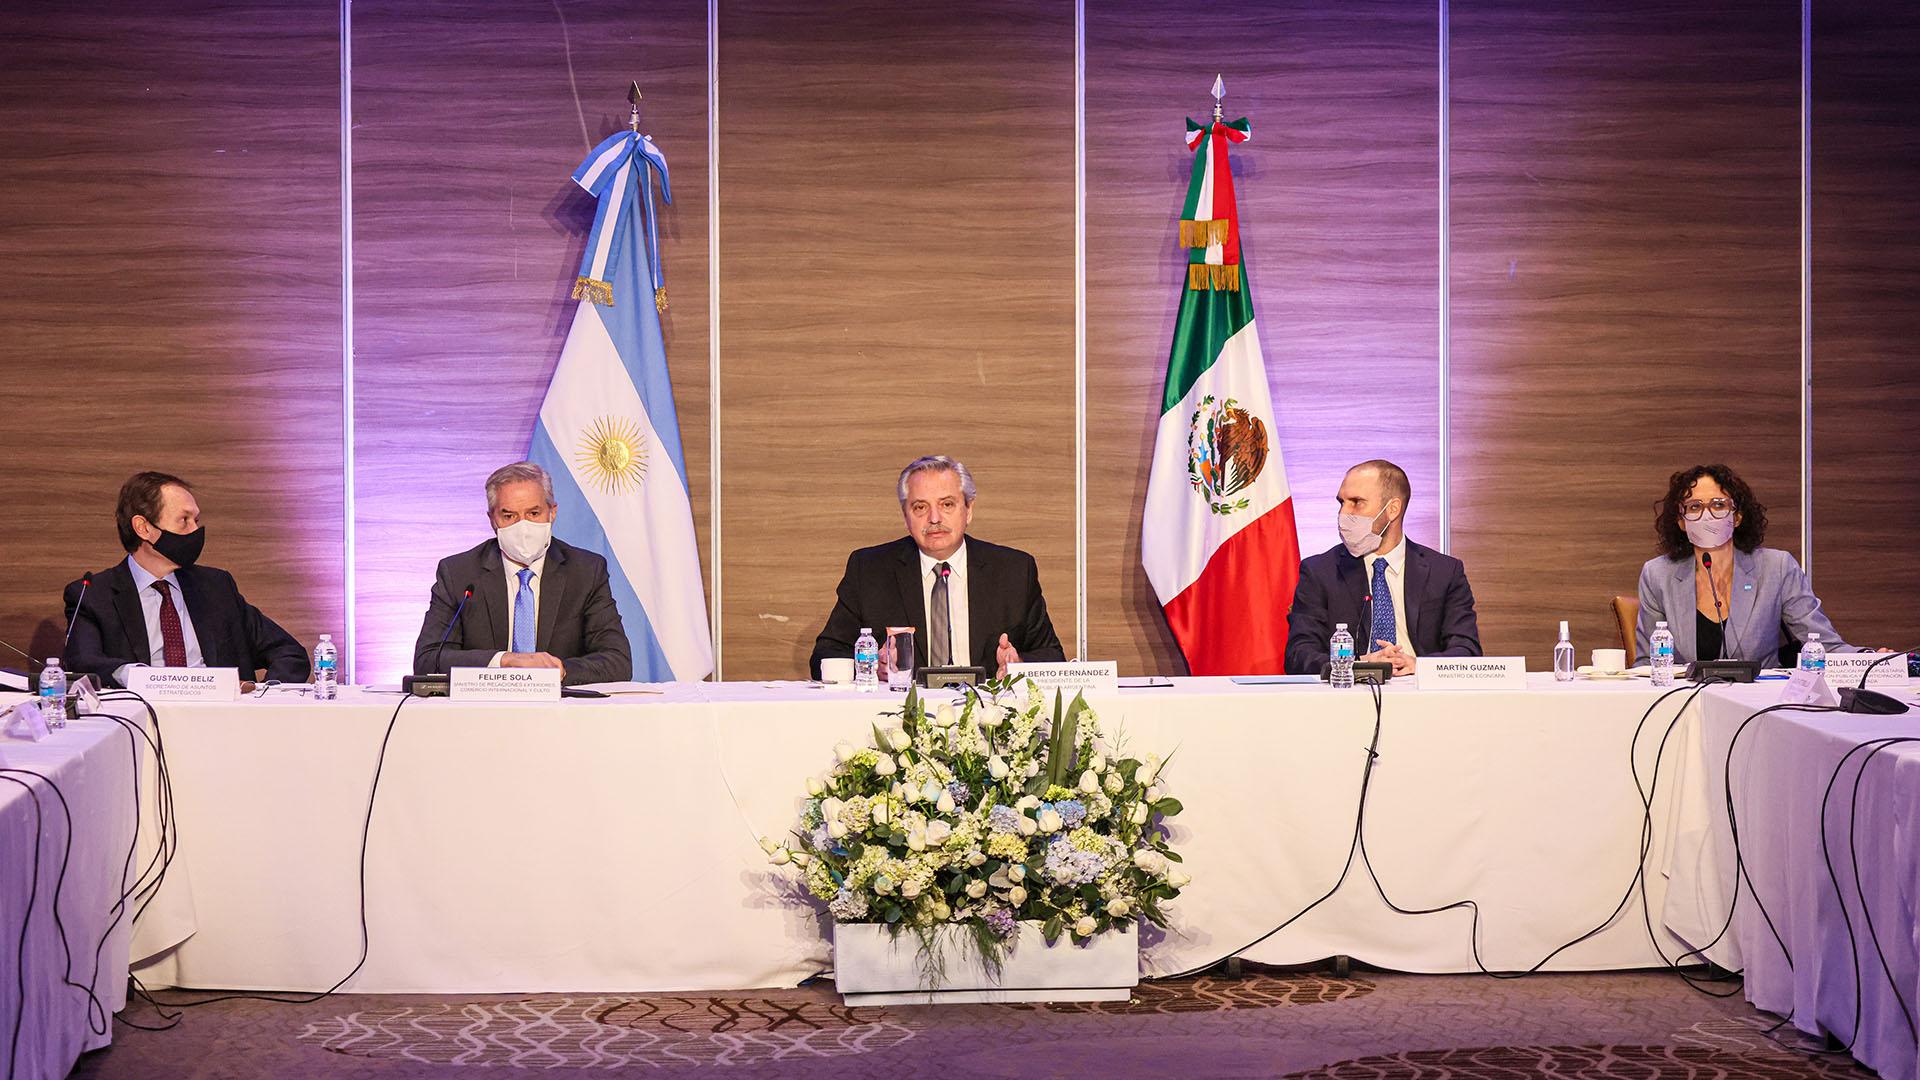 El presidente Alberto Fernández se reunió con empresarios en México. 22 de febrero de 2021.